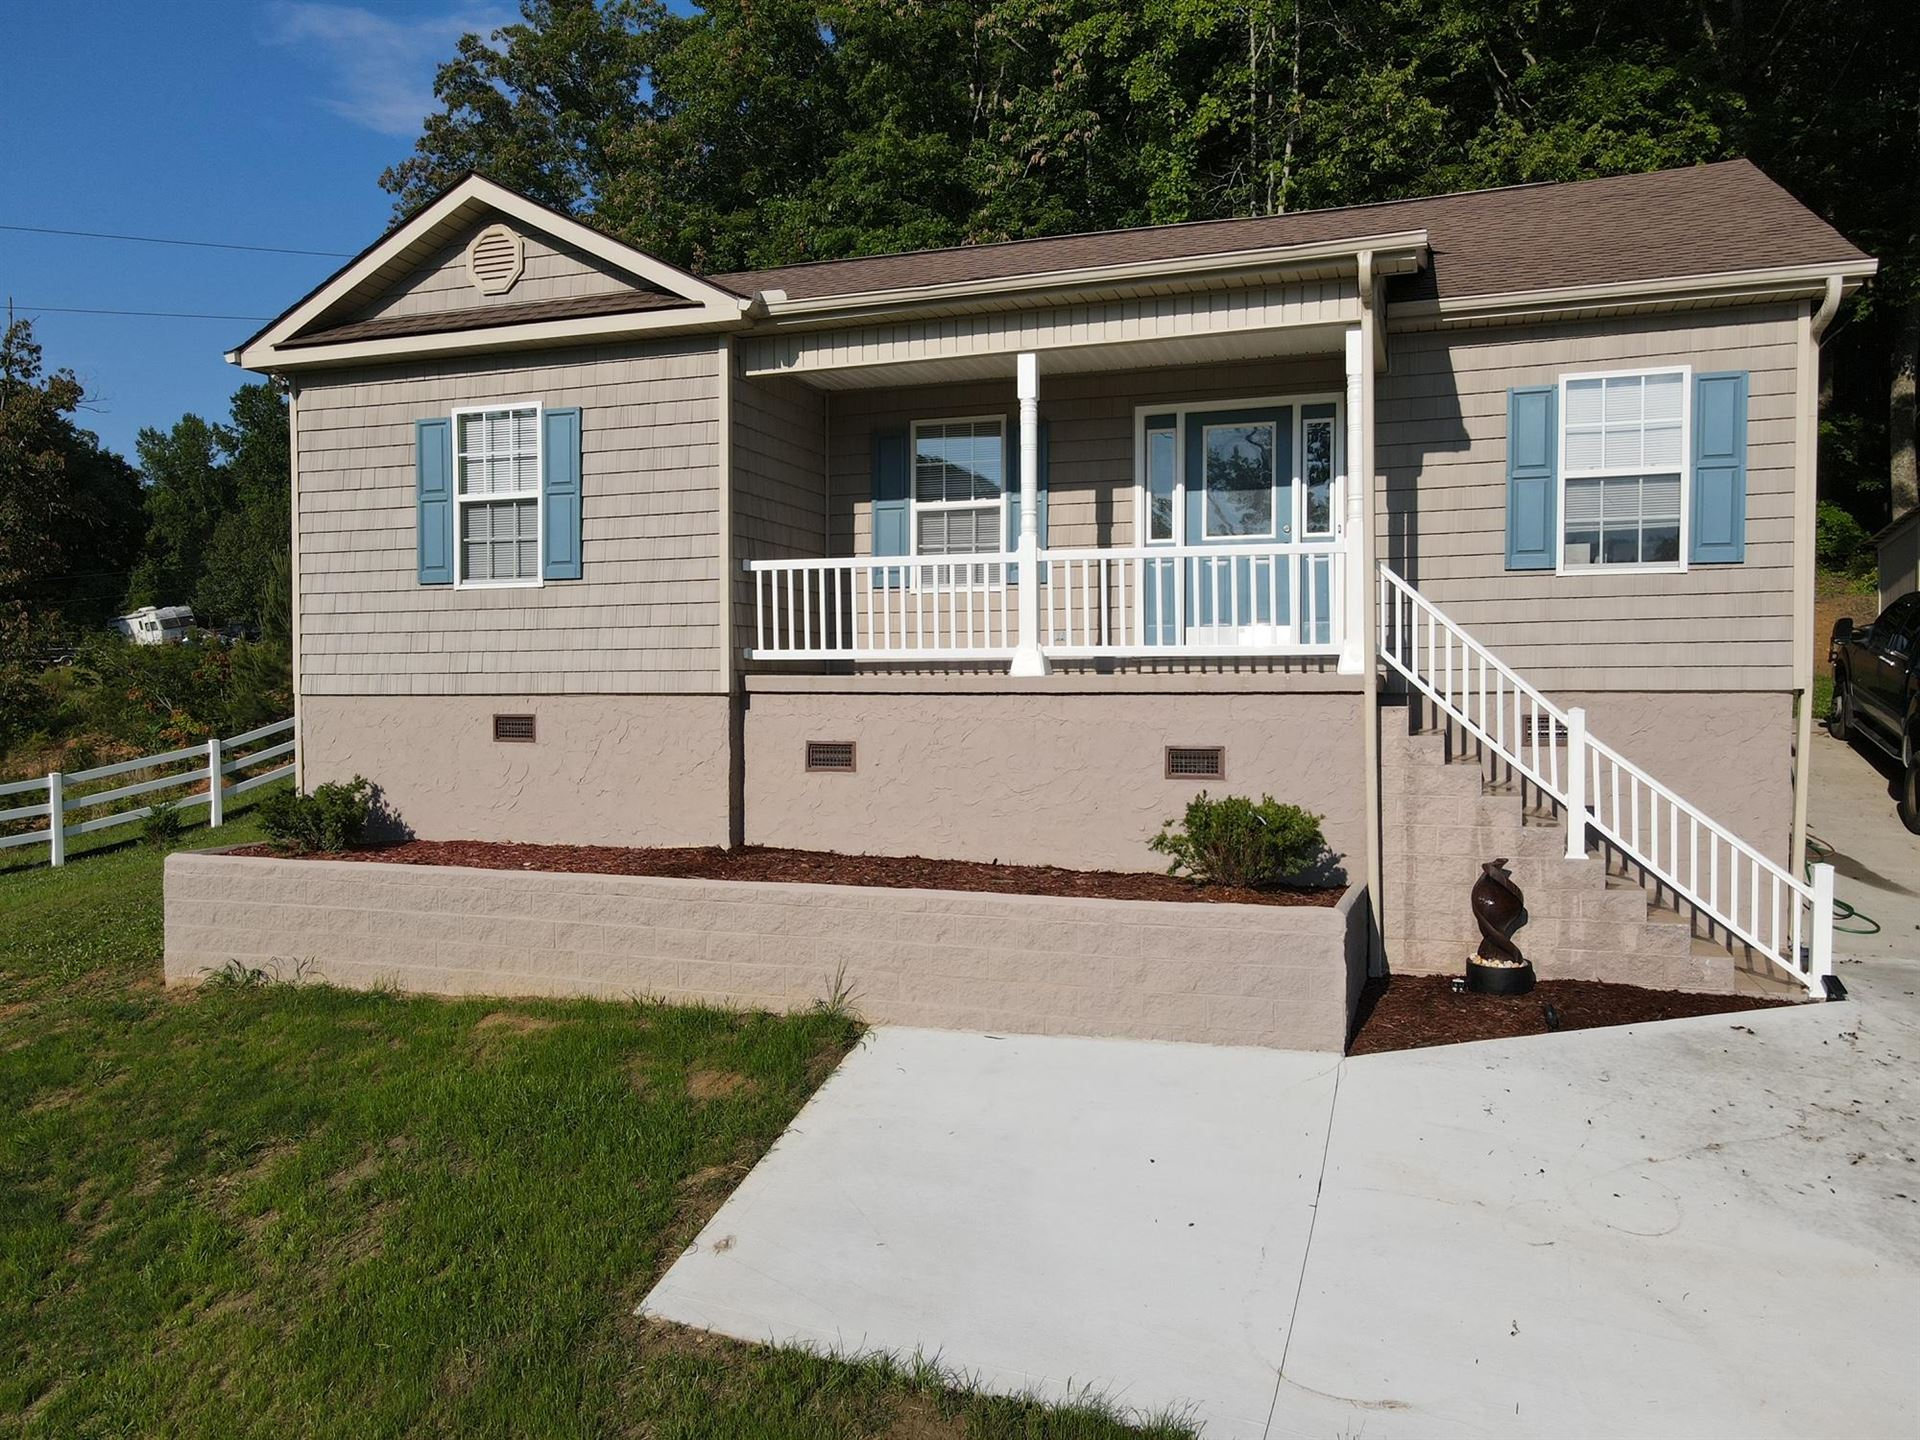 Photo of 2072 White Wing Rd, Lenoir City, TN 37771 (MLS # 1157049)